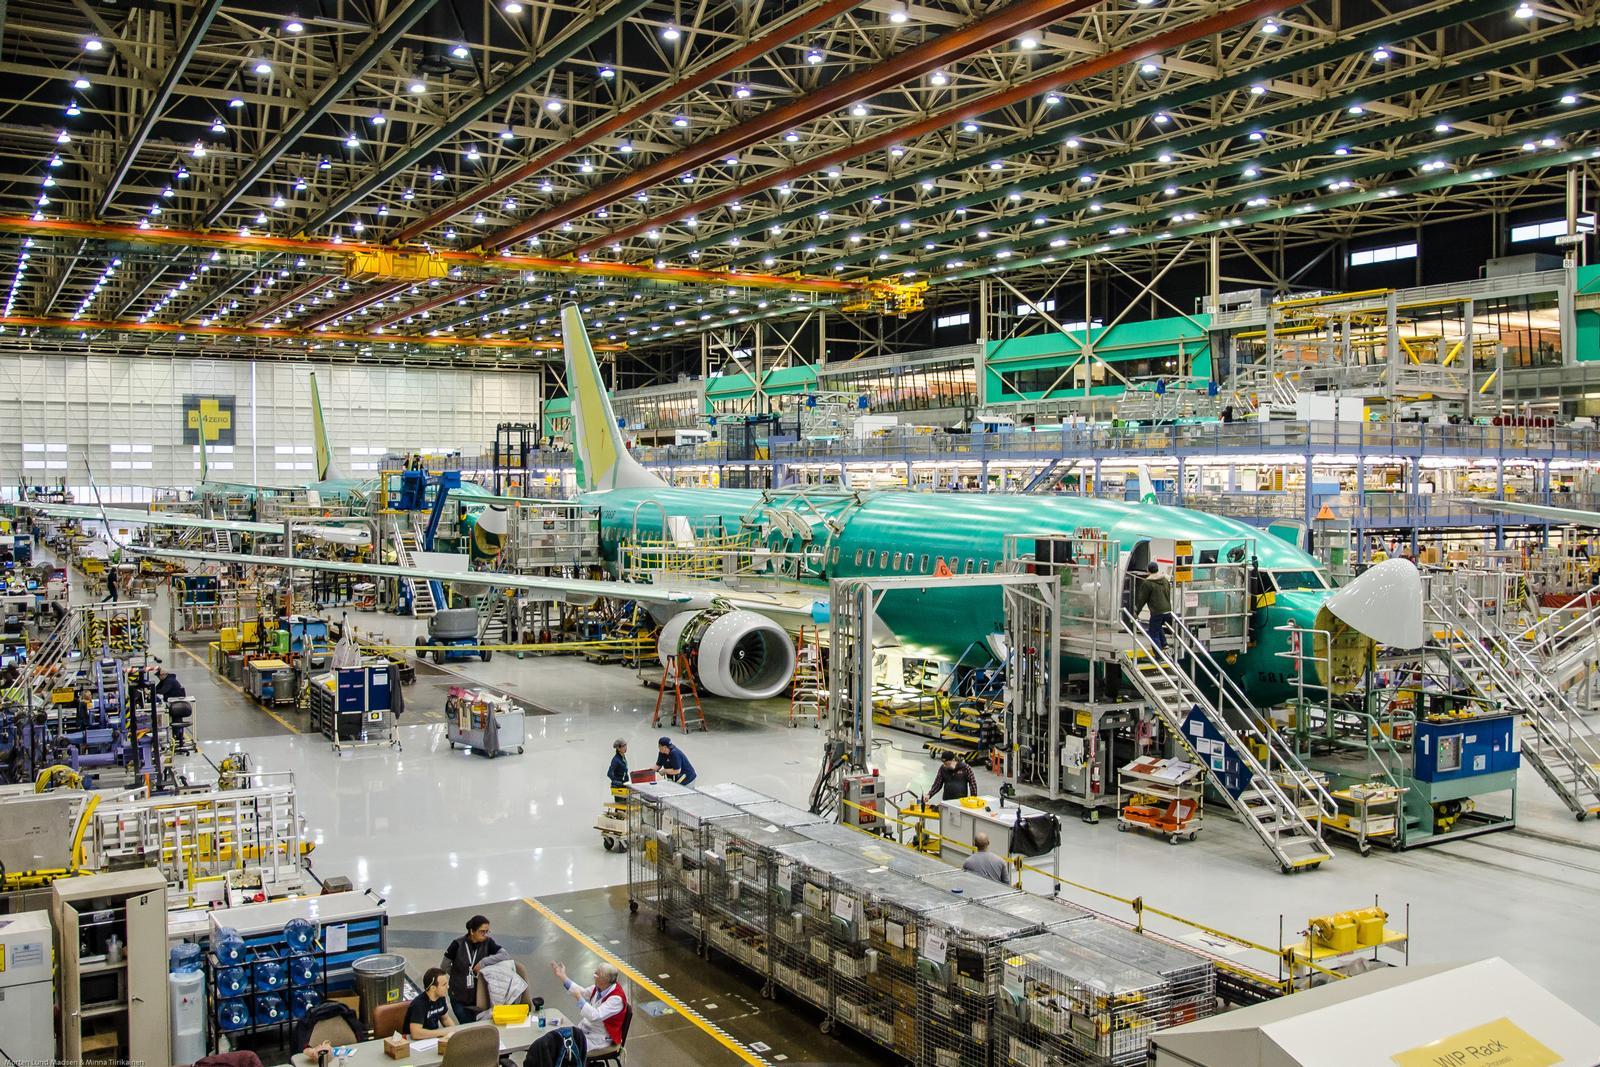 Boeing Rention Factory, hvor 737 produceres. (Arkivfoto: Morten Lund Tiirikainen)